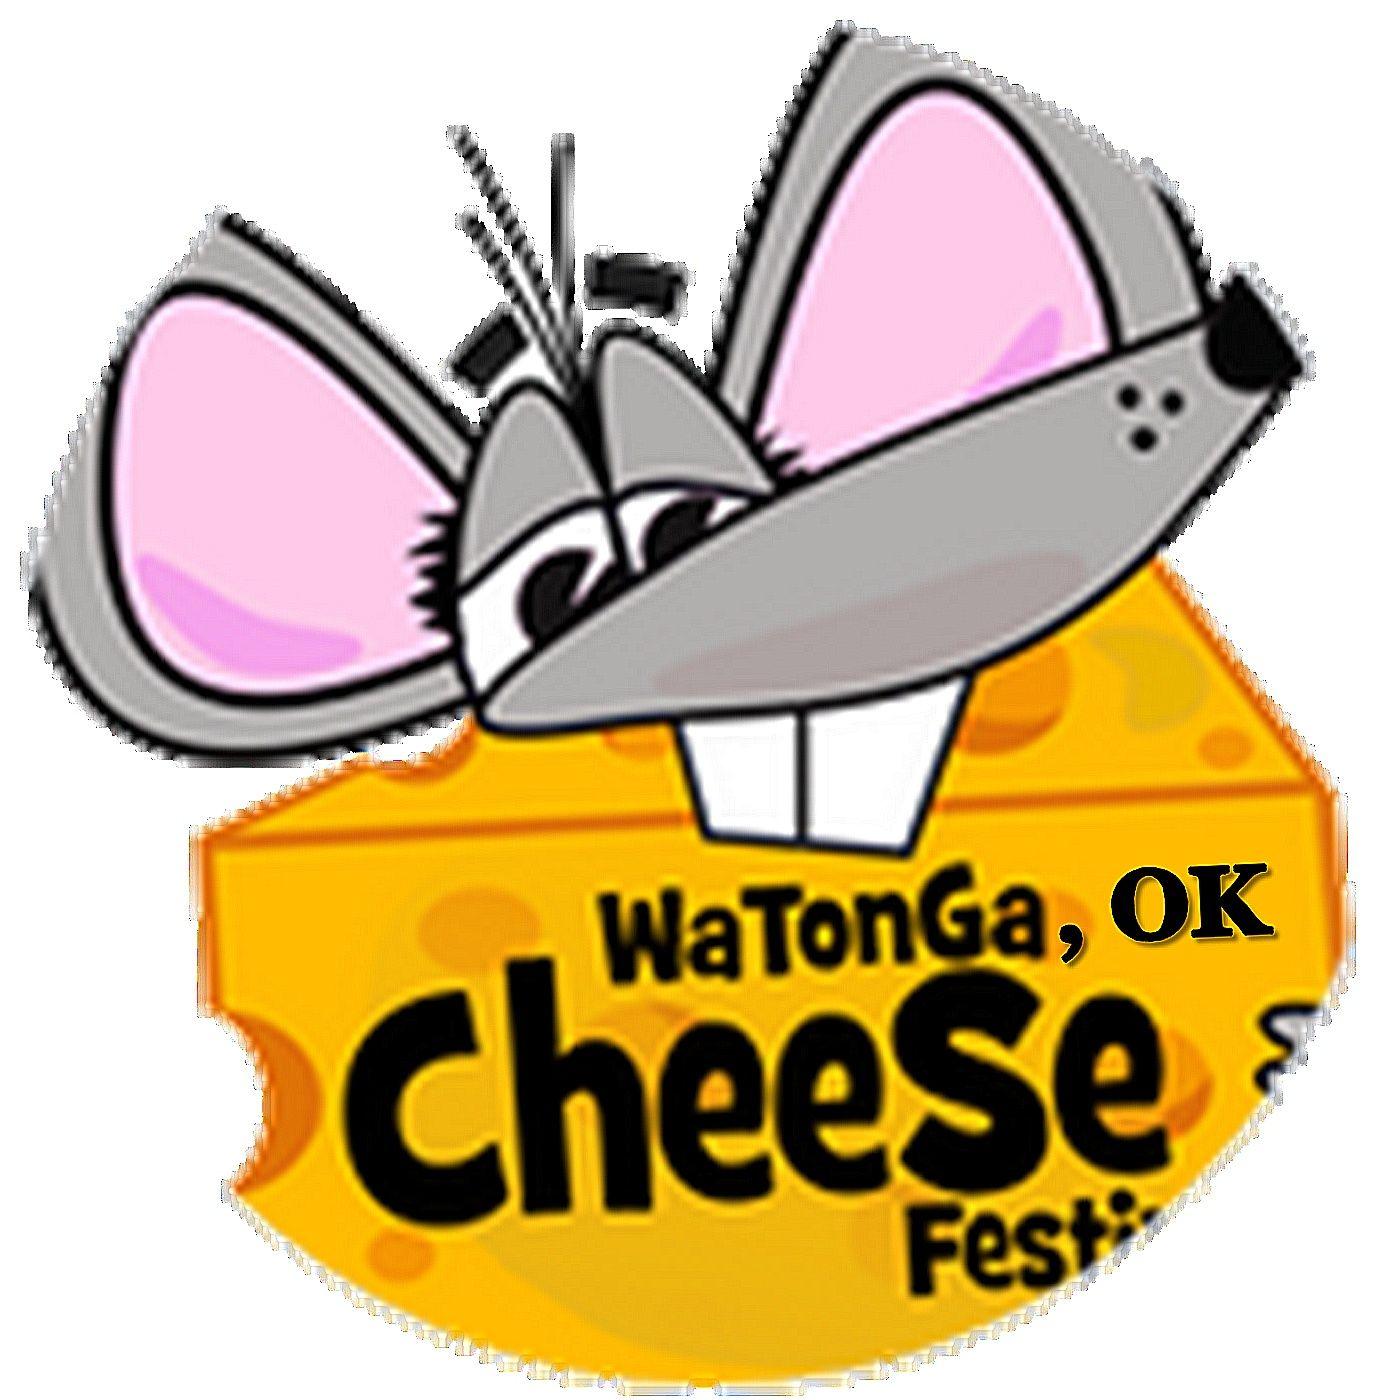 OK Watonga Cheese Festival